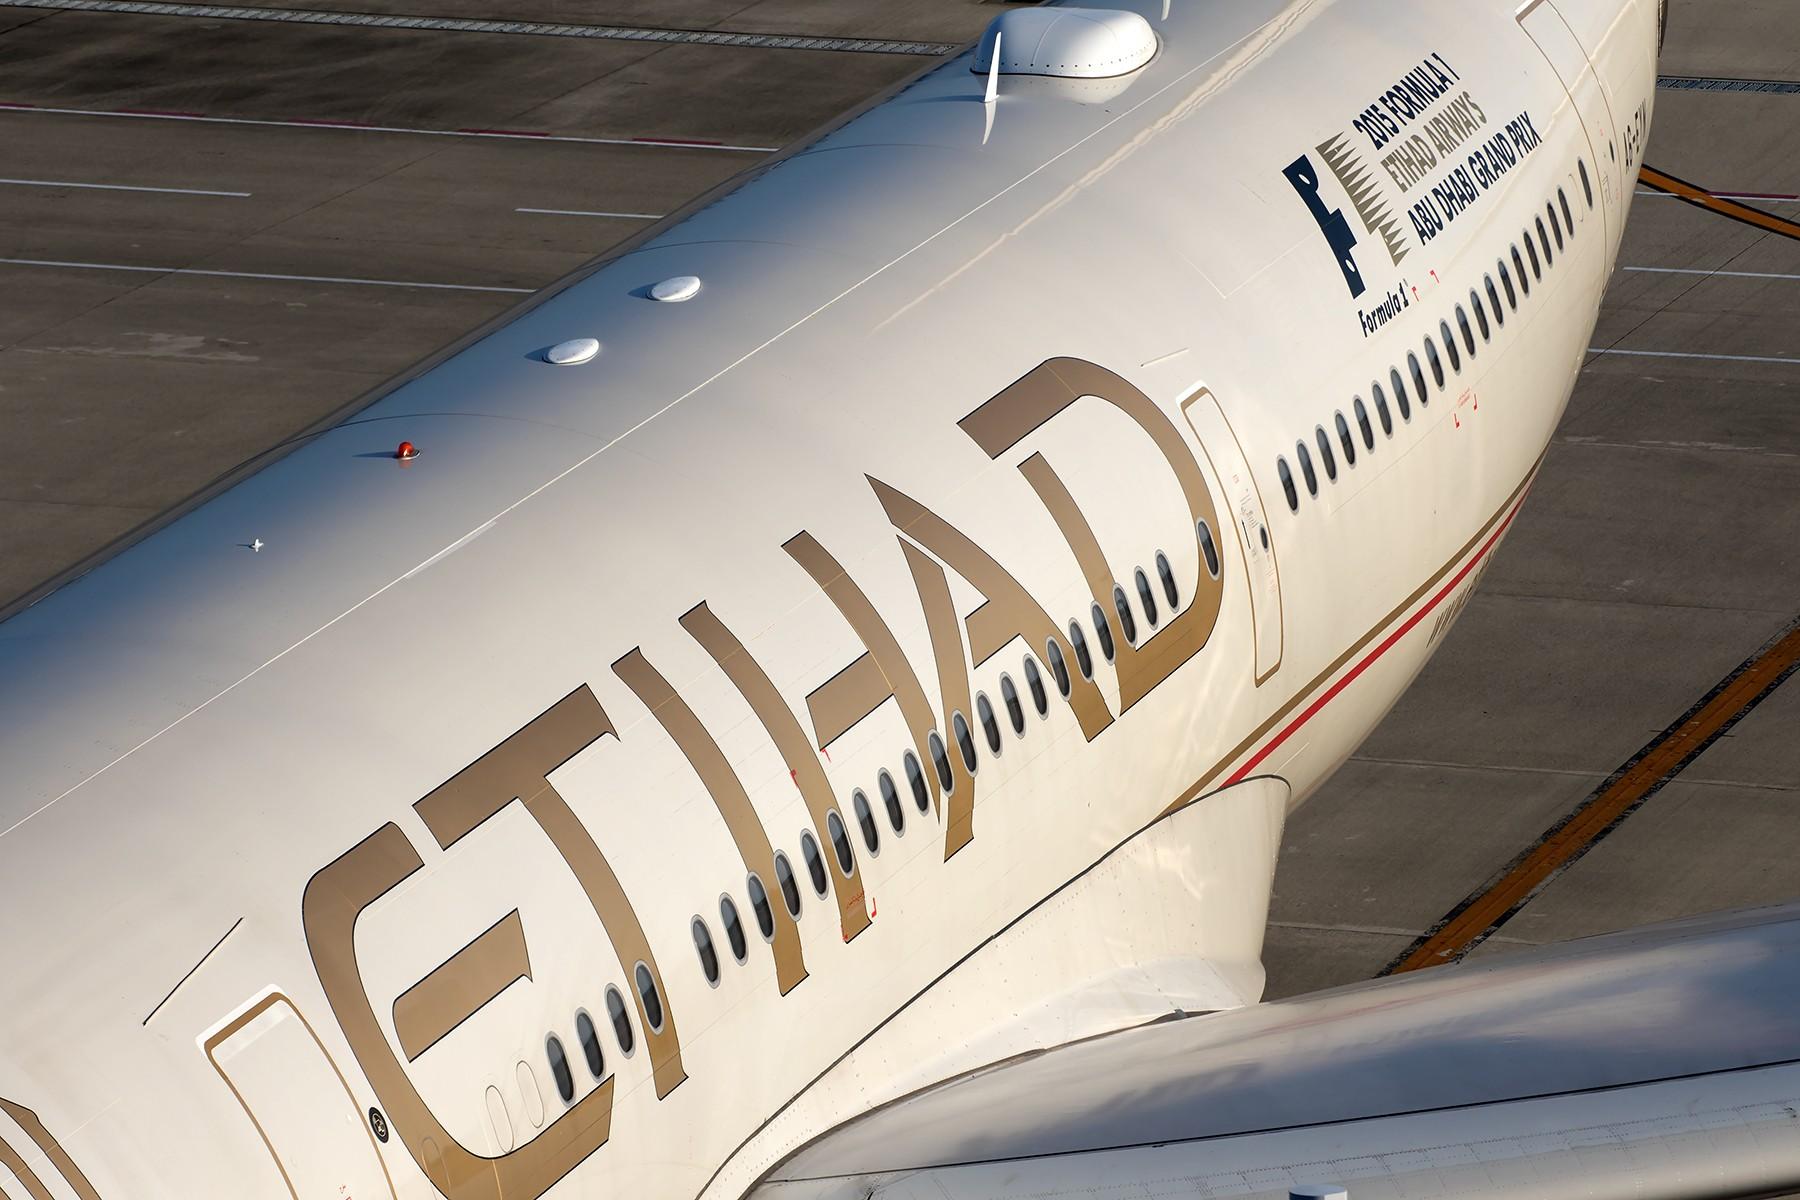 Re:[原创]【1920/1800】魅力名古屋,魅力新特里亚。——名古屋拍机组图(1) AIRBUS A330-200 A6-EYN 日本名古屋中部/新特丽亚机场